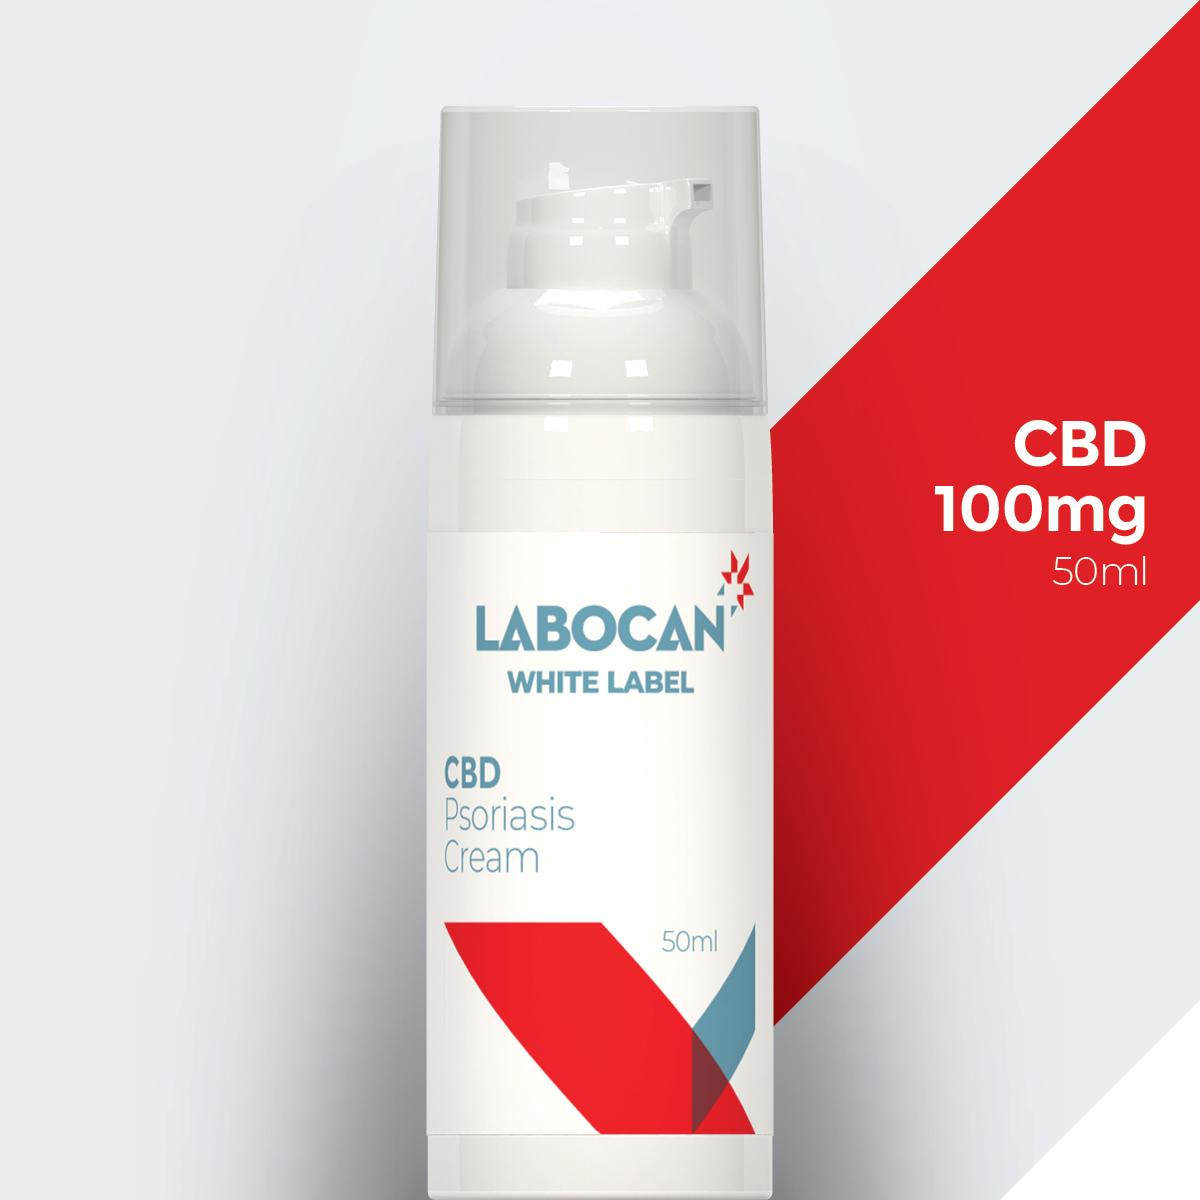 Labocan White label CBD-Creme Psoriasis